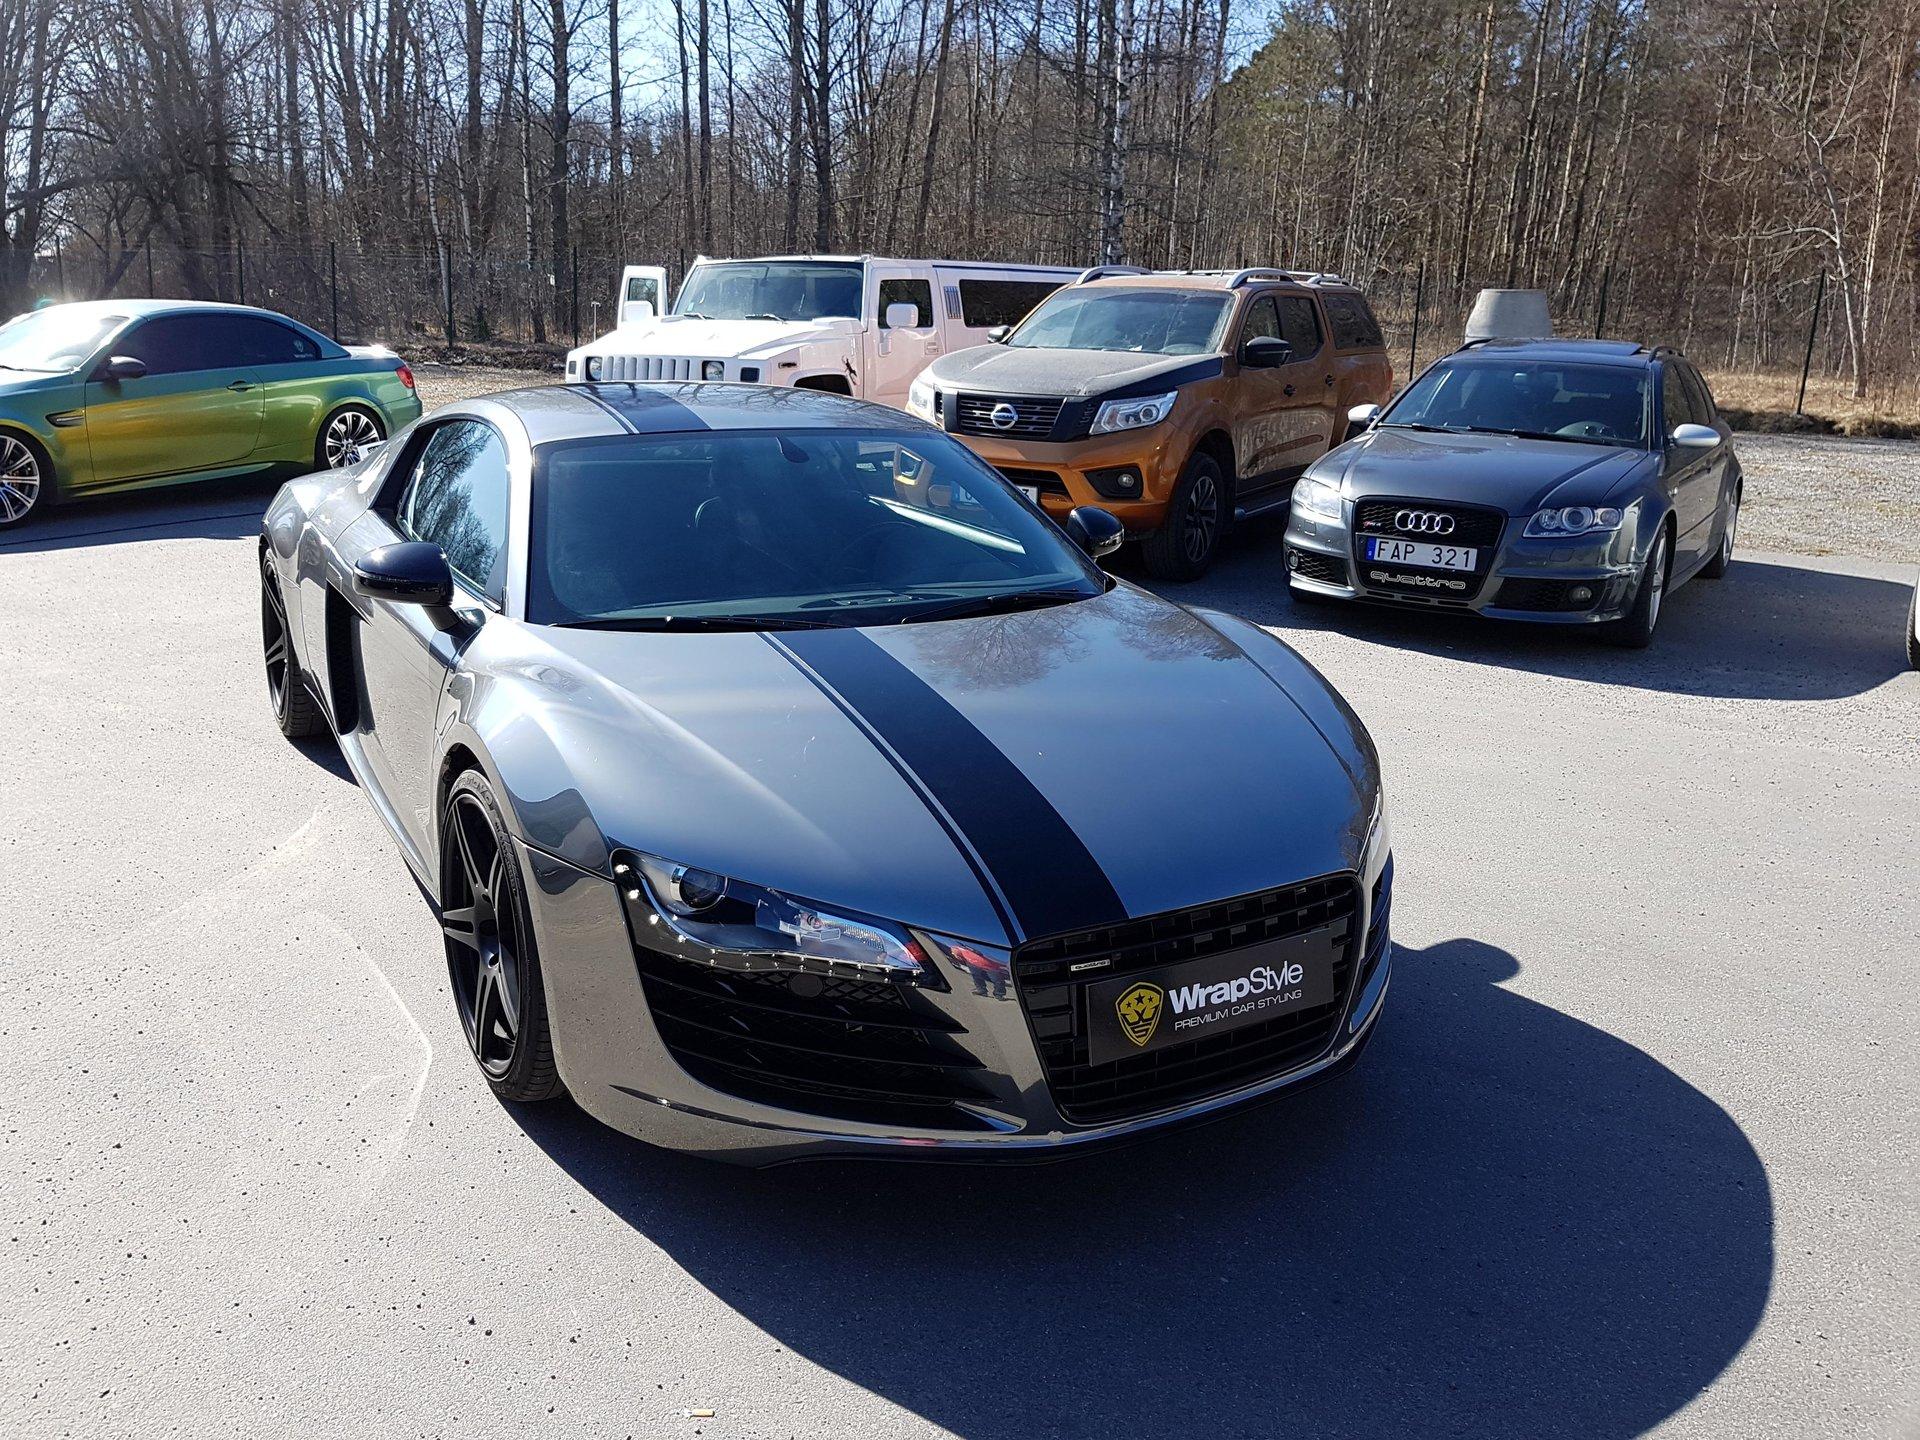 Audi R8 Black Chrome Wrap Wrapstyle